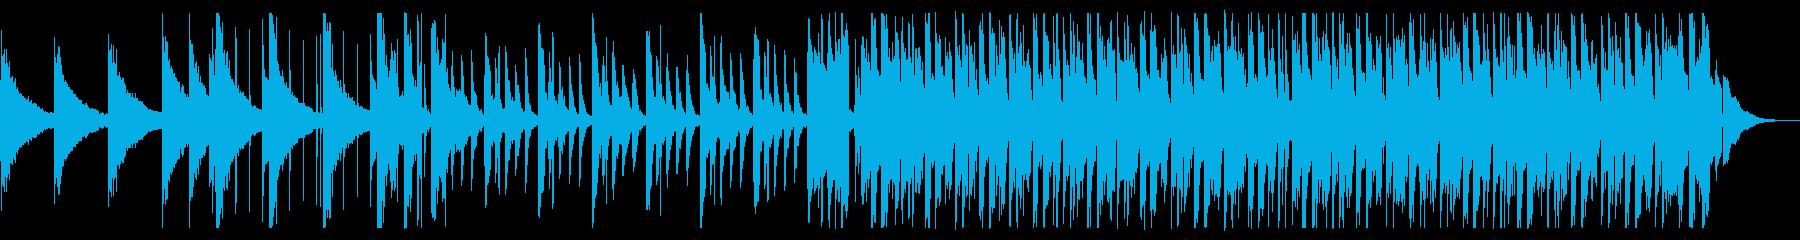 海を感じるトロピカルハウス_3の再生済みの波形